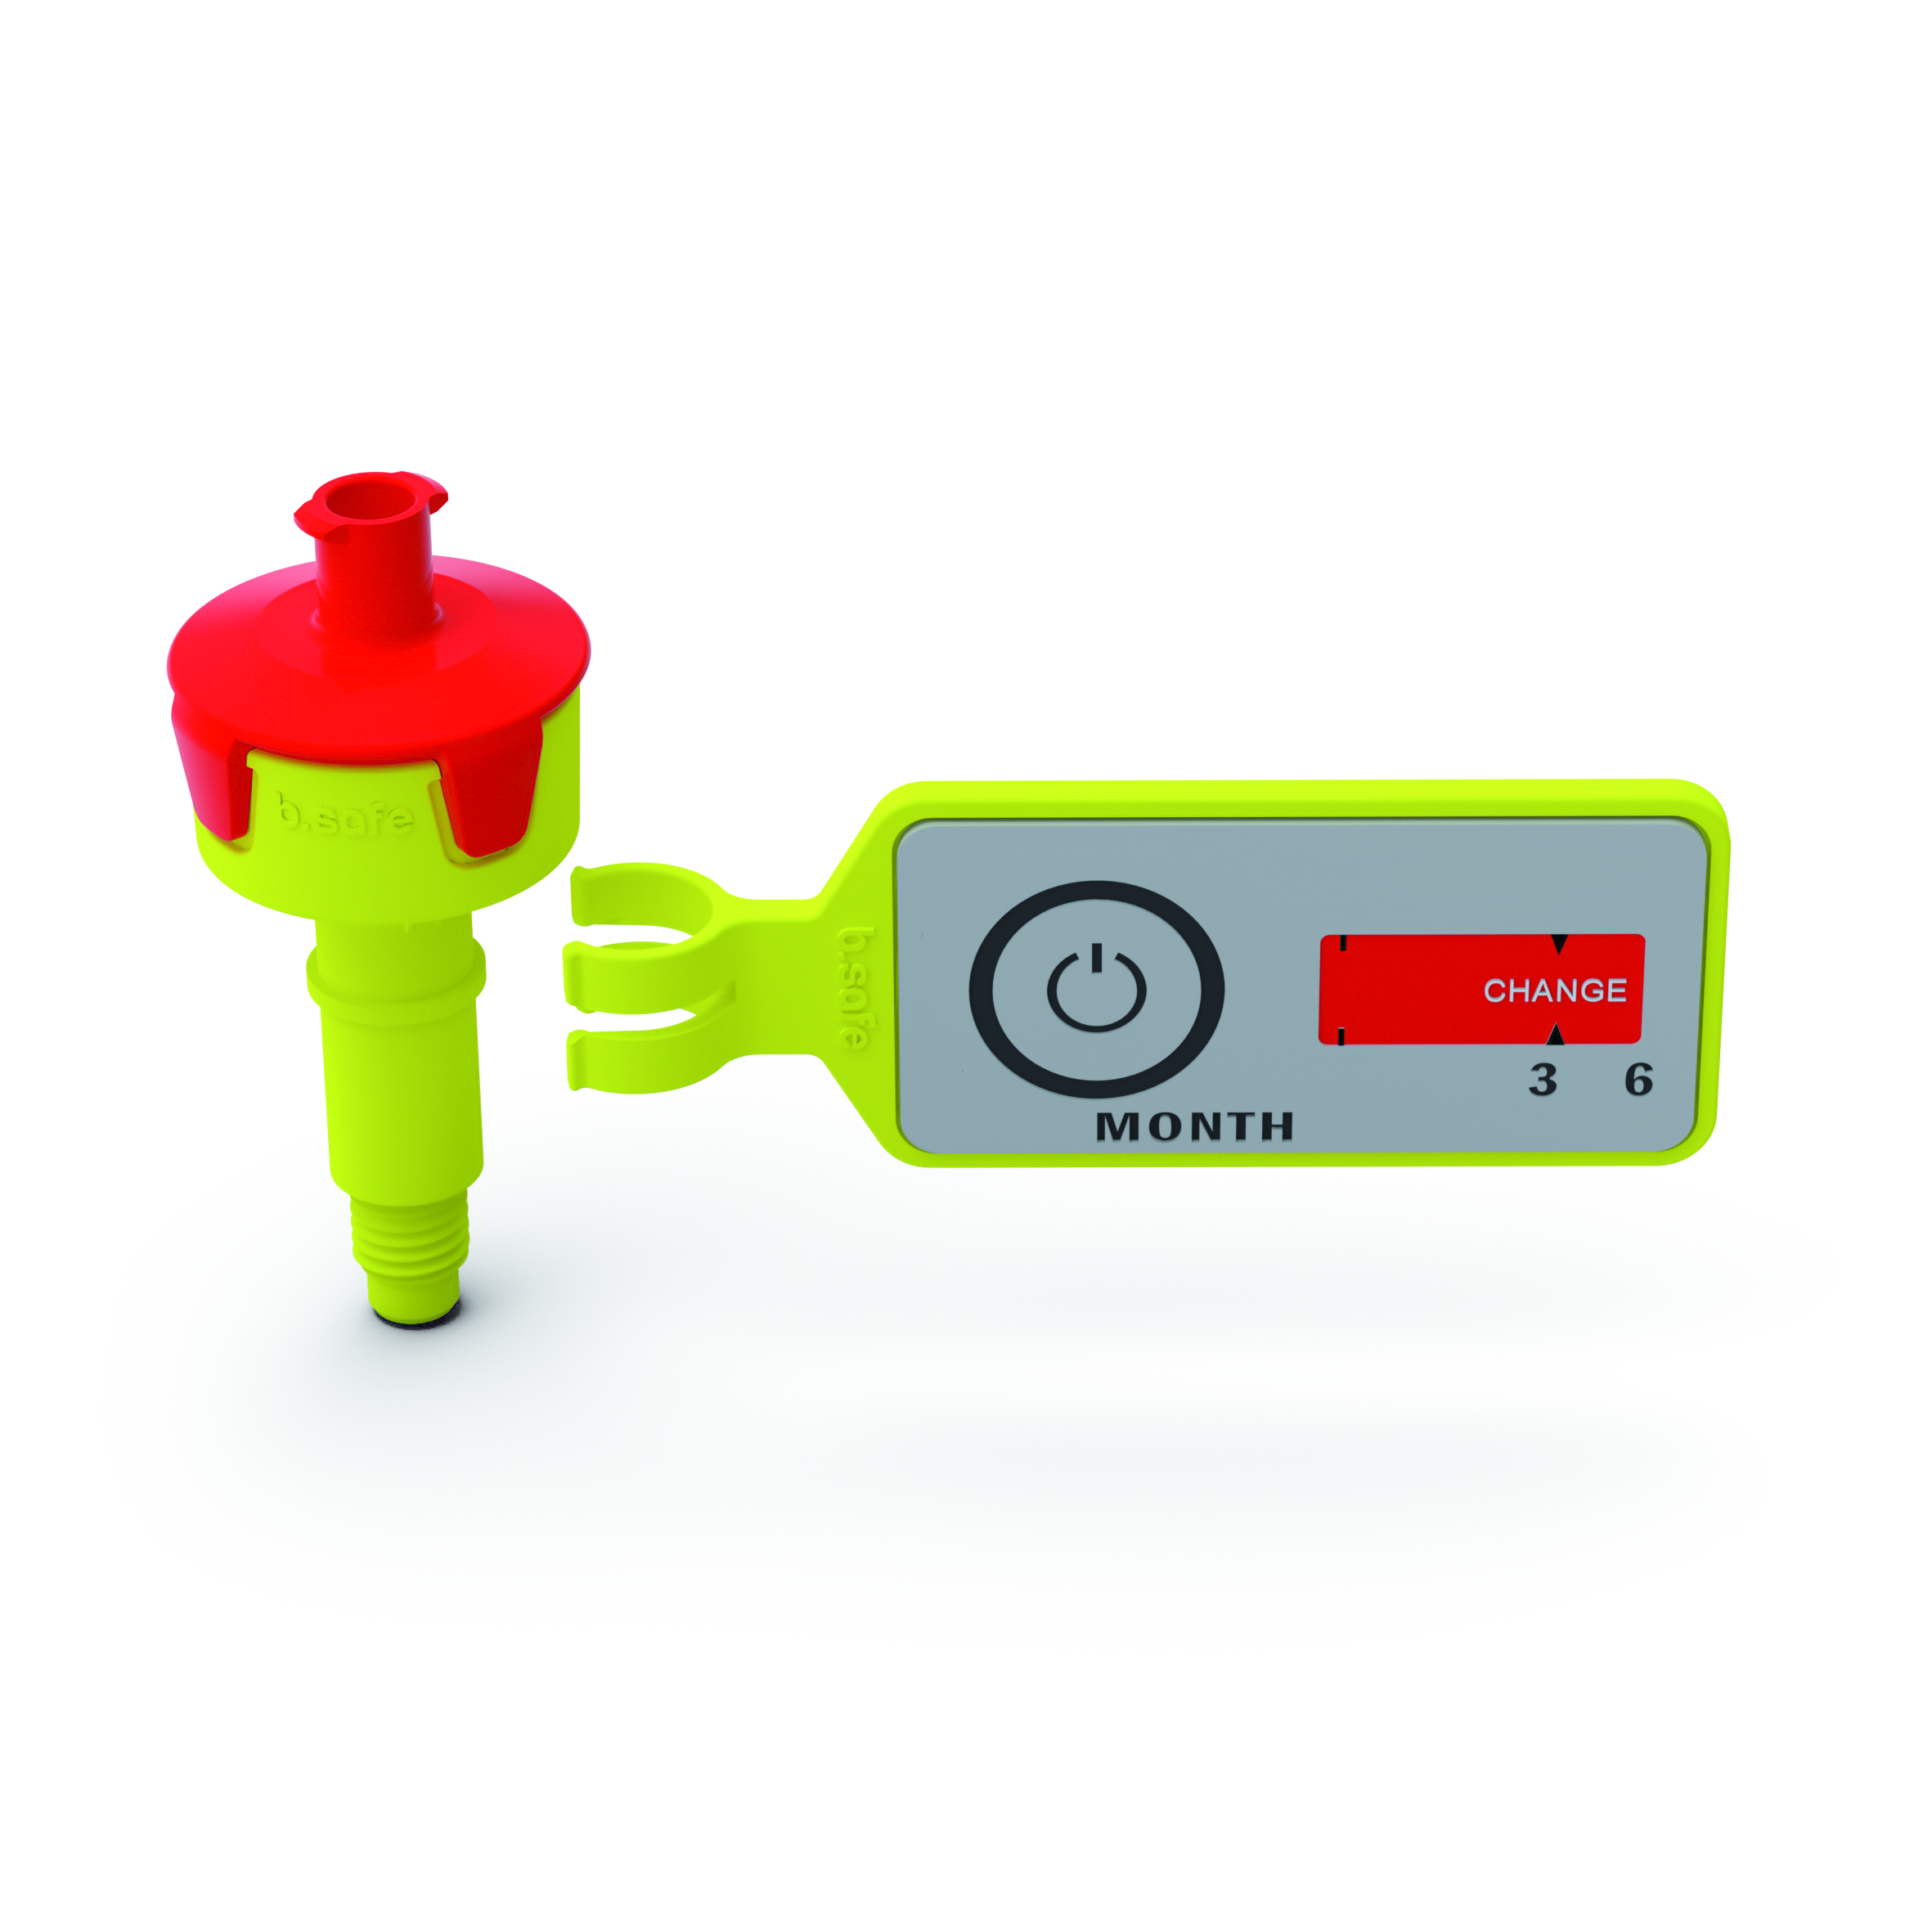 """Belüftungsventil  Ventilgehäuse aus PP mit Anschluss (Gewinde UNF 1/4"""" 28G) passend für b.safe Caps. Deckel mi"""